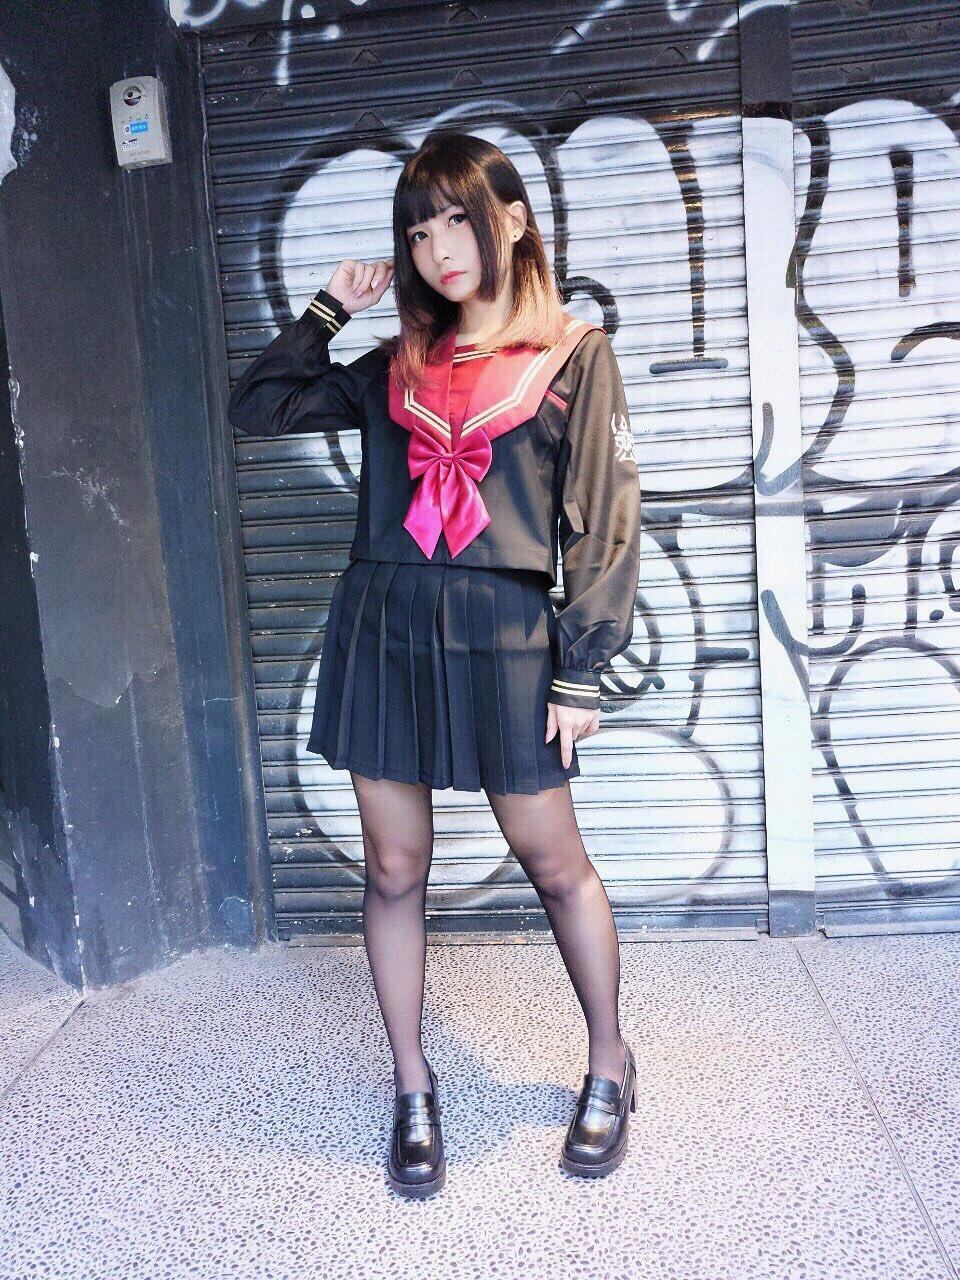 画像,黒いJK🖤#JK #制服 #セーラー服 #モモ #lovesweetmomo https://t.co/FQ3AXLDMLo…